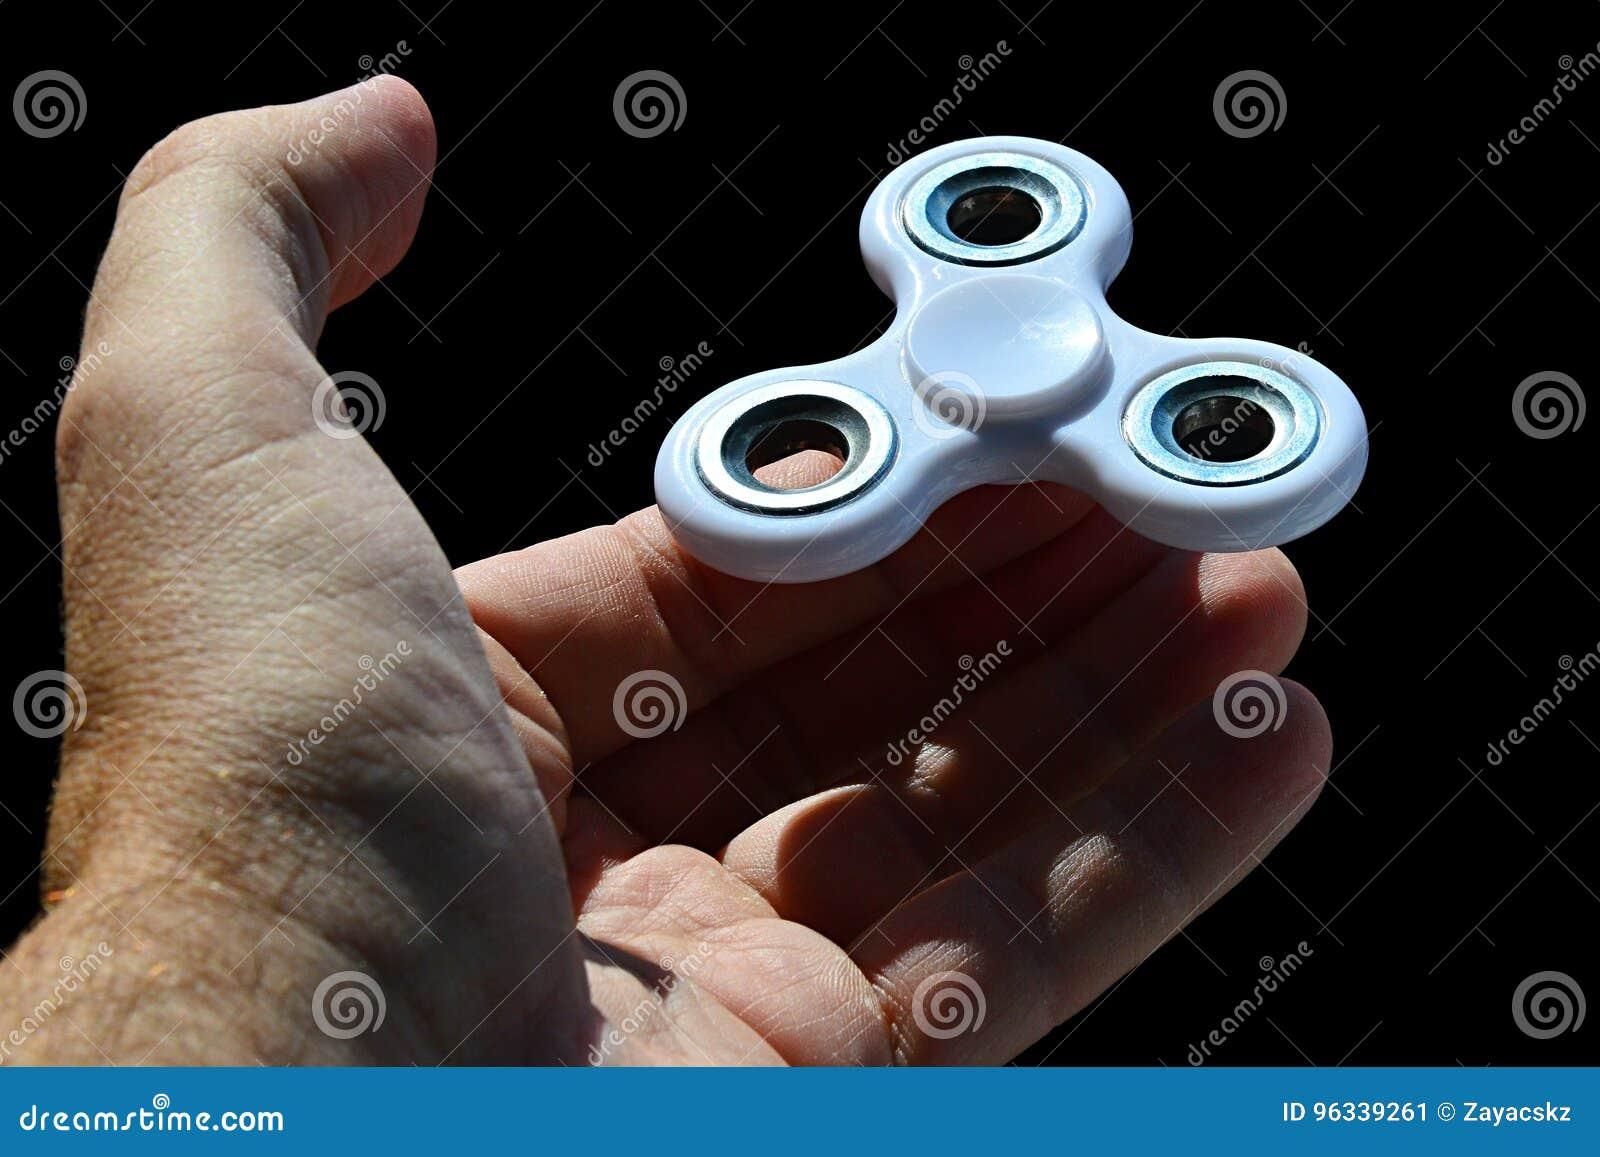 Άσπρη fidget εξισορρόπηση παιχνιδιών κλωστών στην άκρη του αντίχειρα στο φοίνικα του ενήλικου αρσενικού προσώπου, μαύρο υπόβαθρο